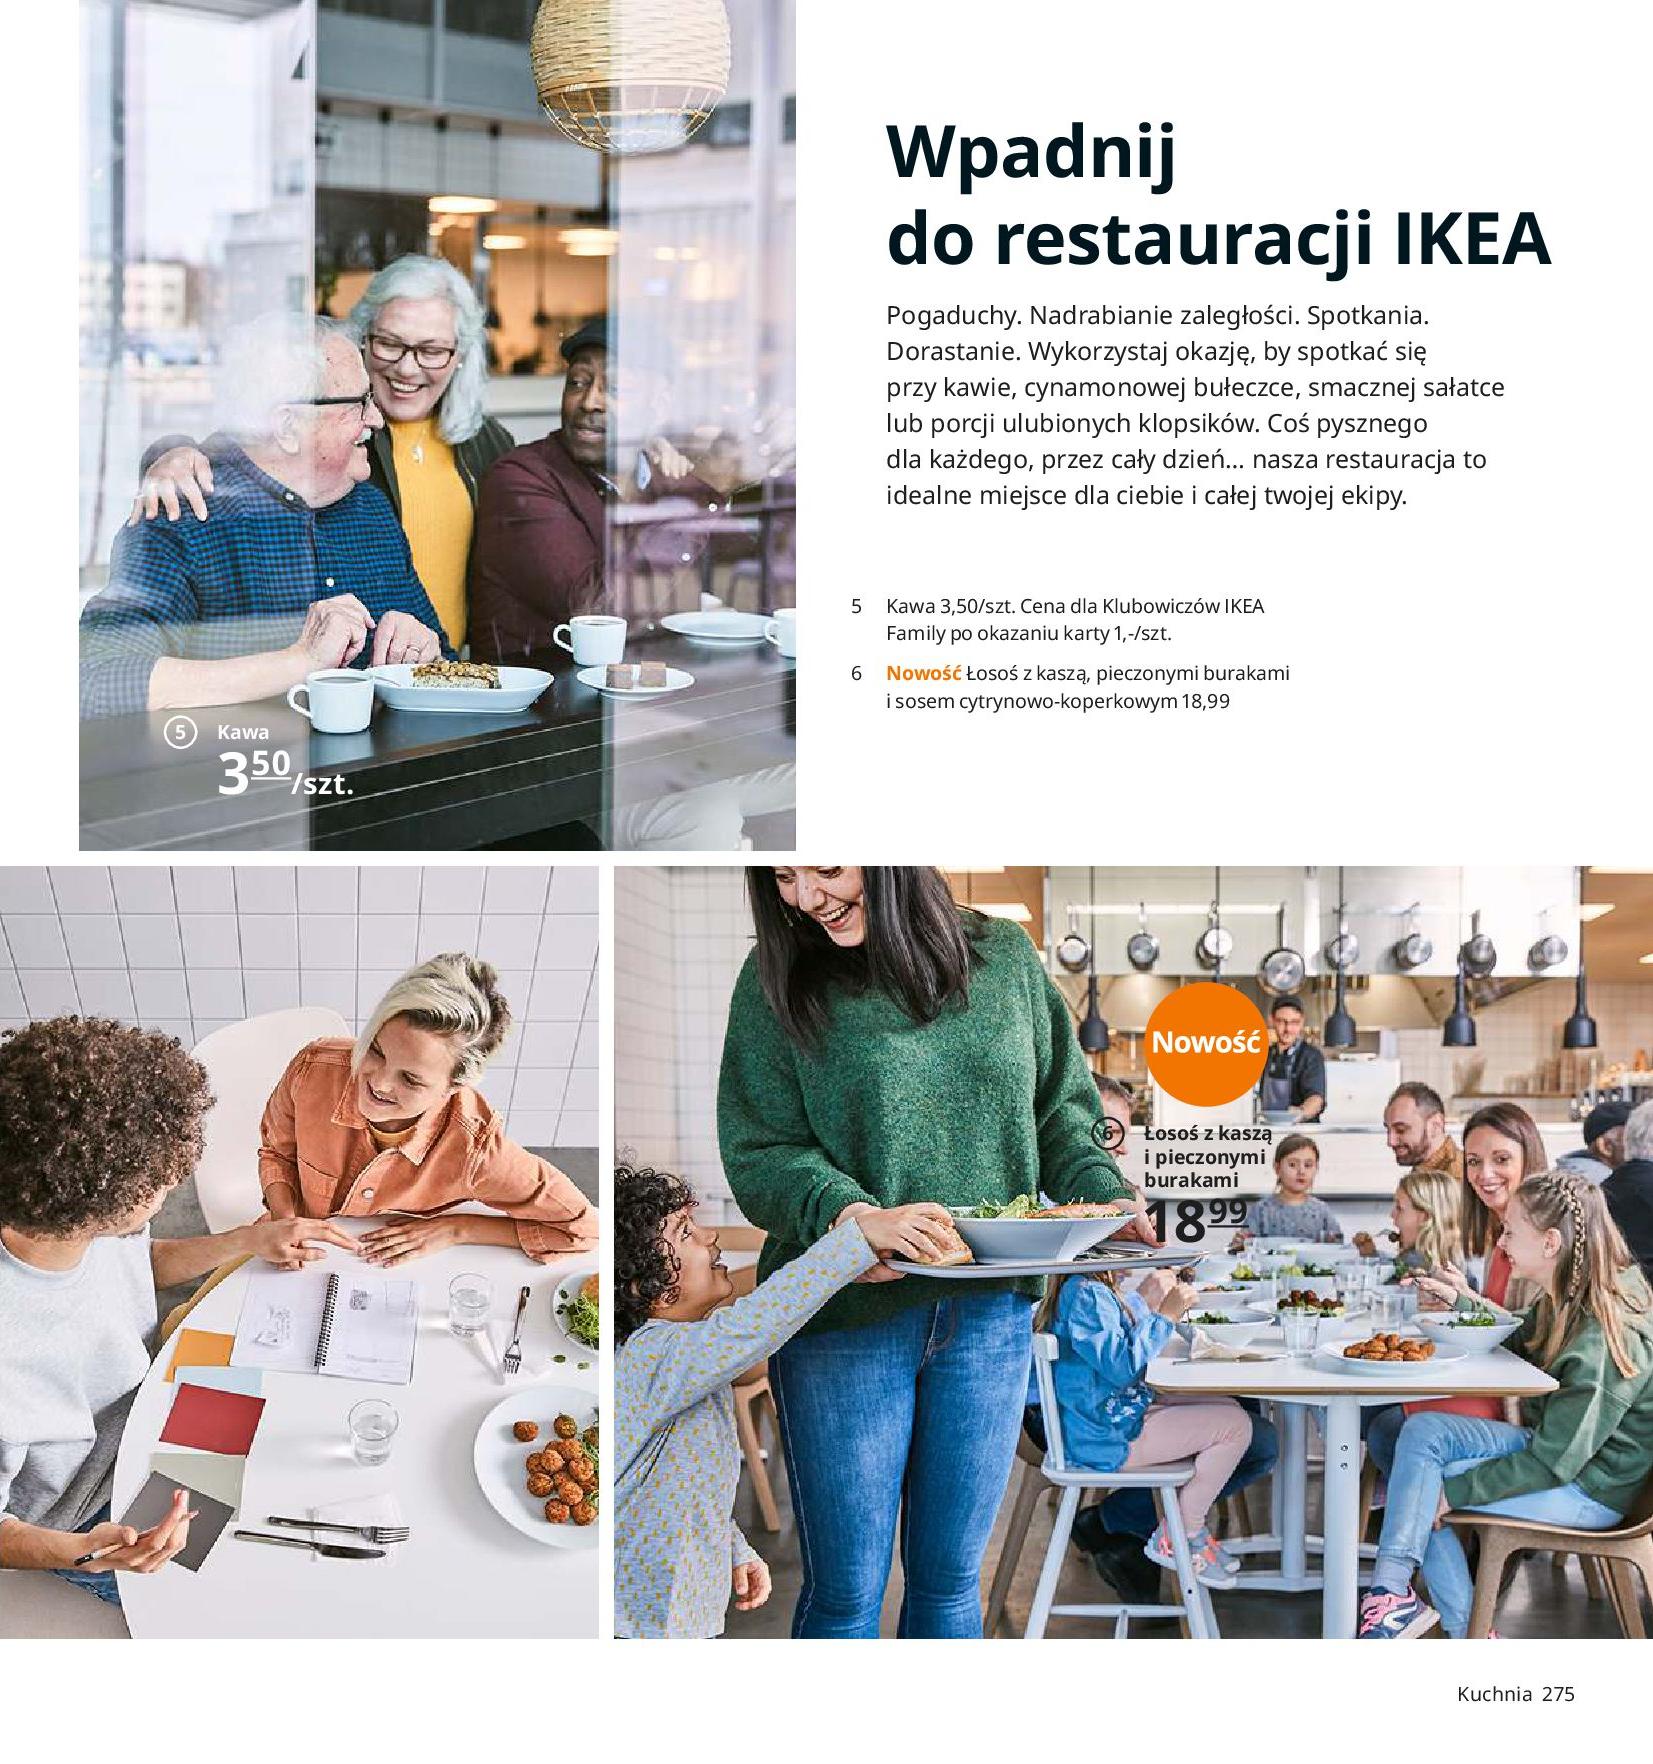 Gazetka IKEA - Katalog IKEA 2020-25.08.2019-31.07.2020-page-275